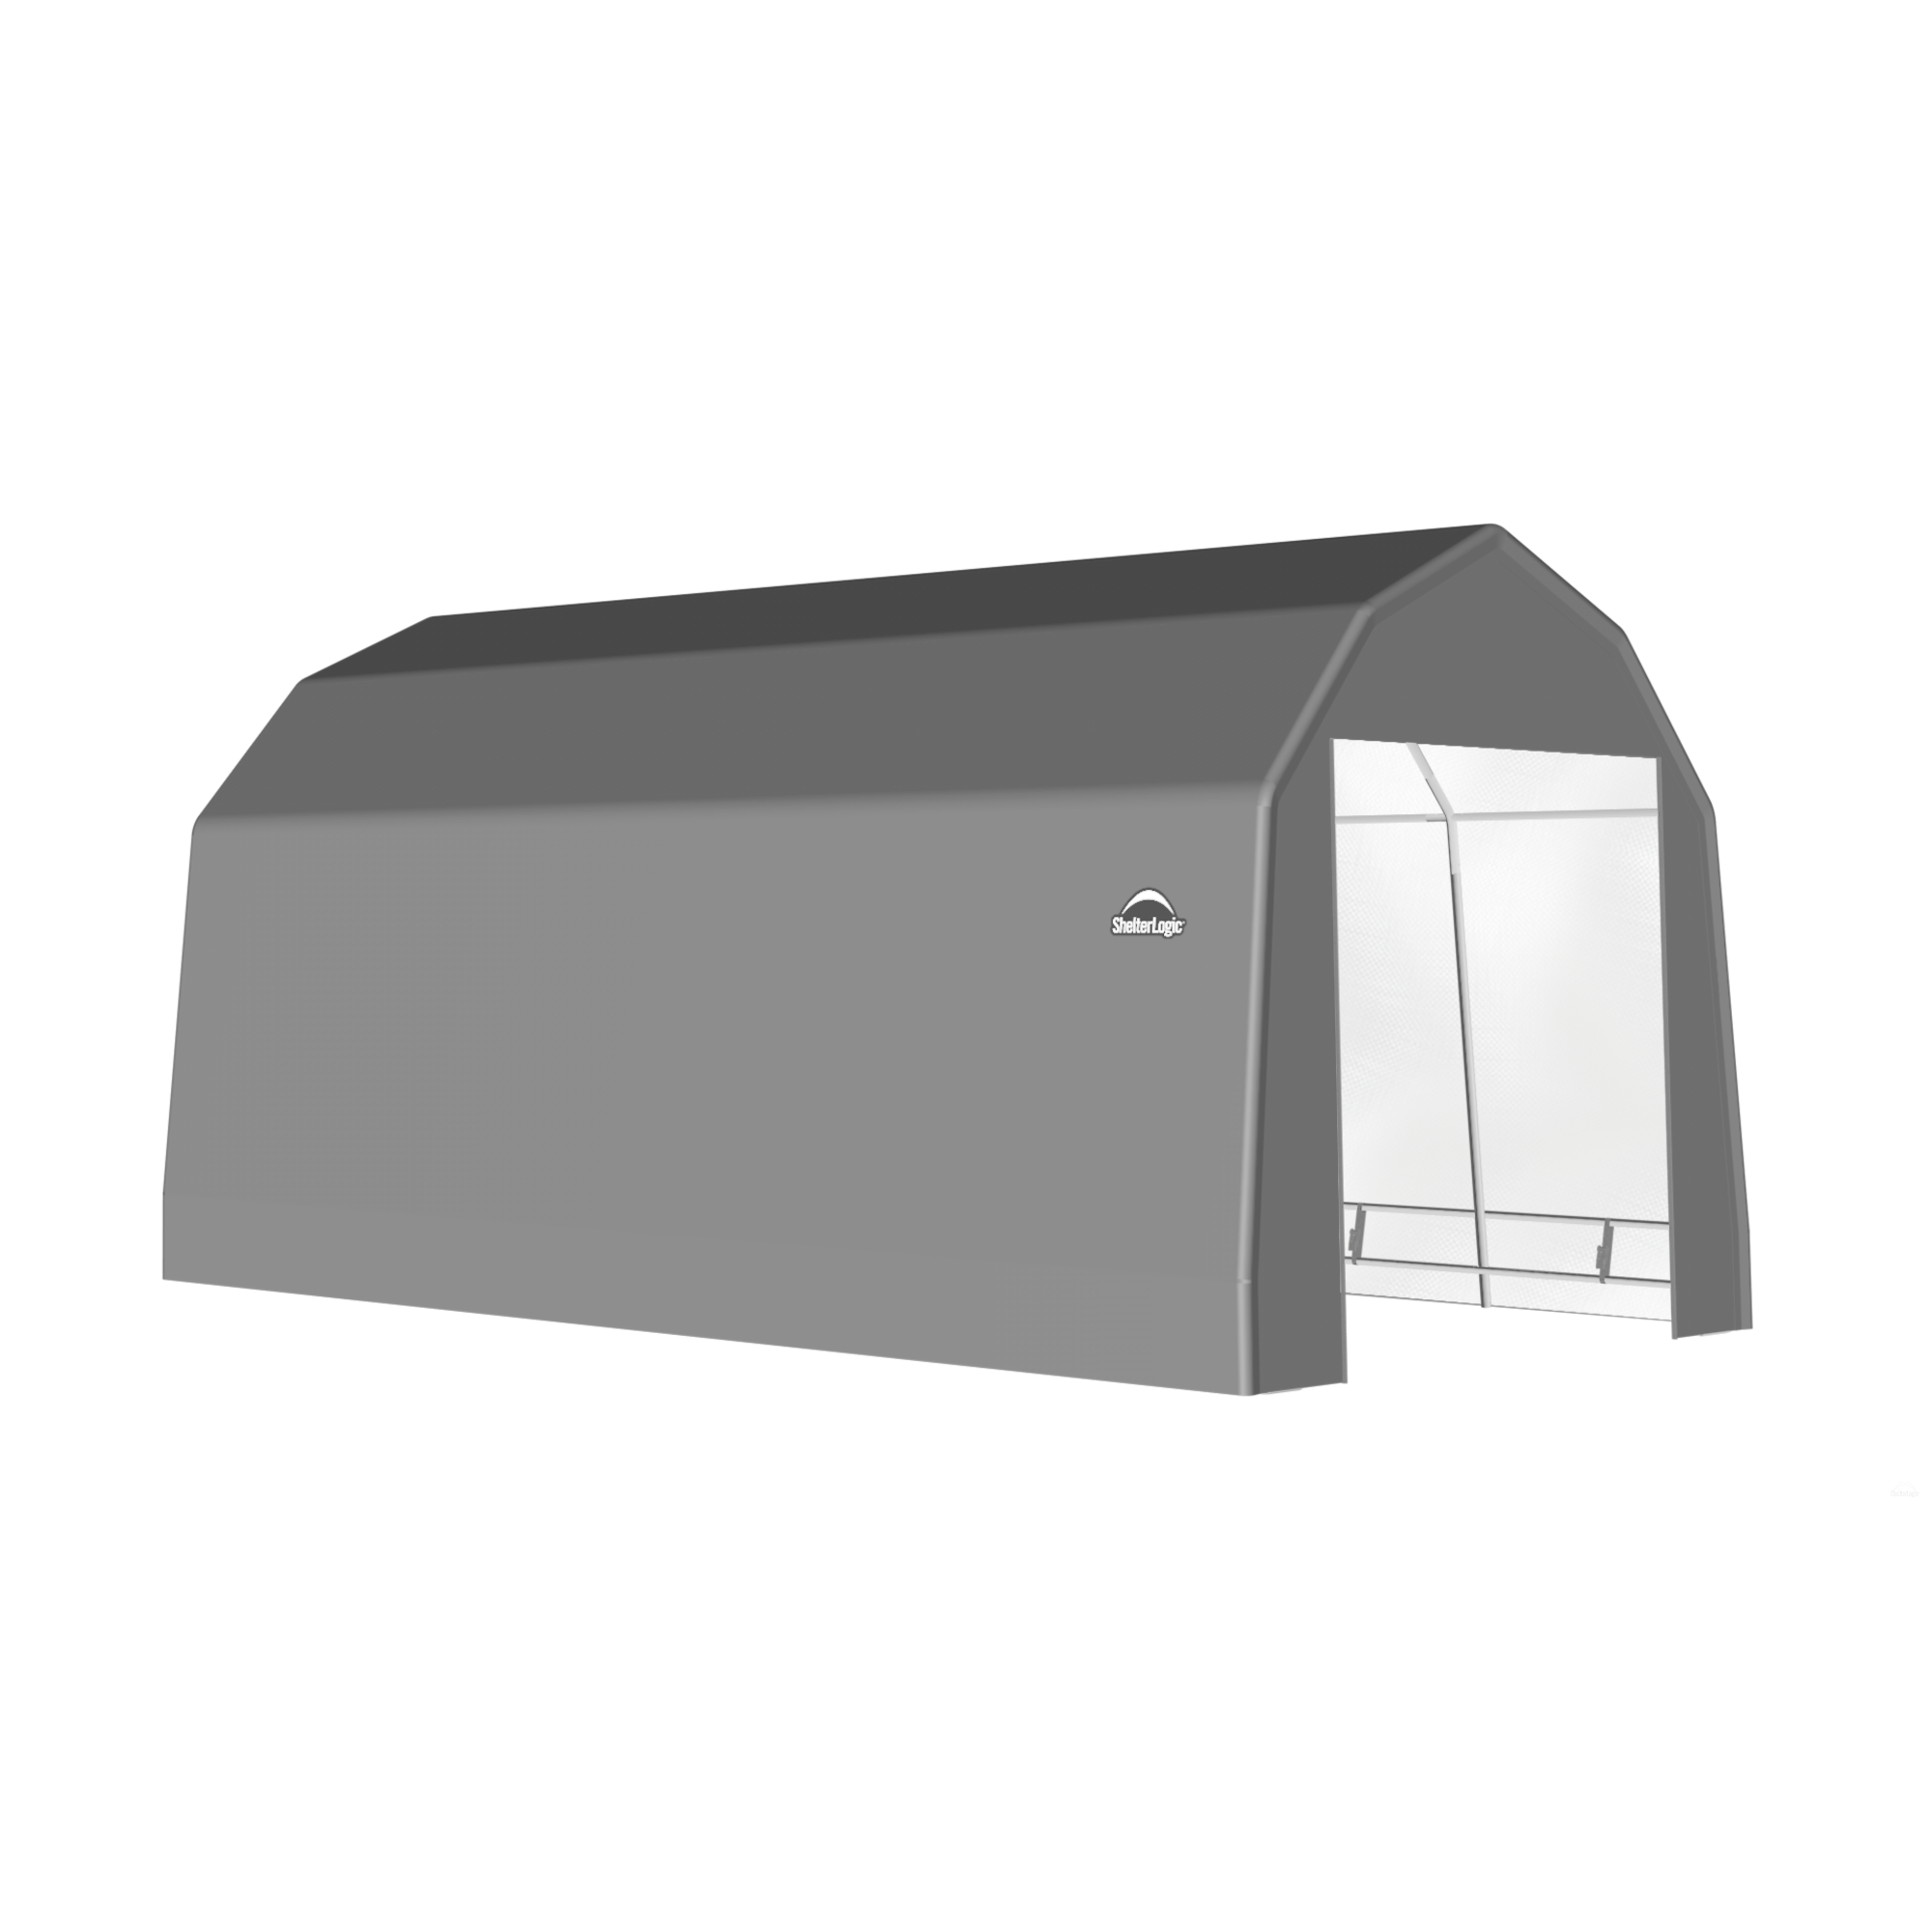 SP Barn 12X28X11 Gray 14 oz PE Shelter